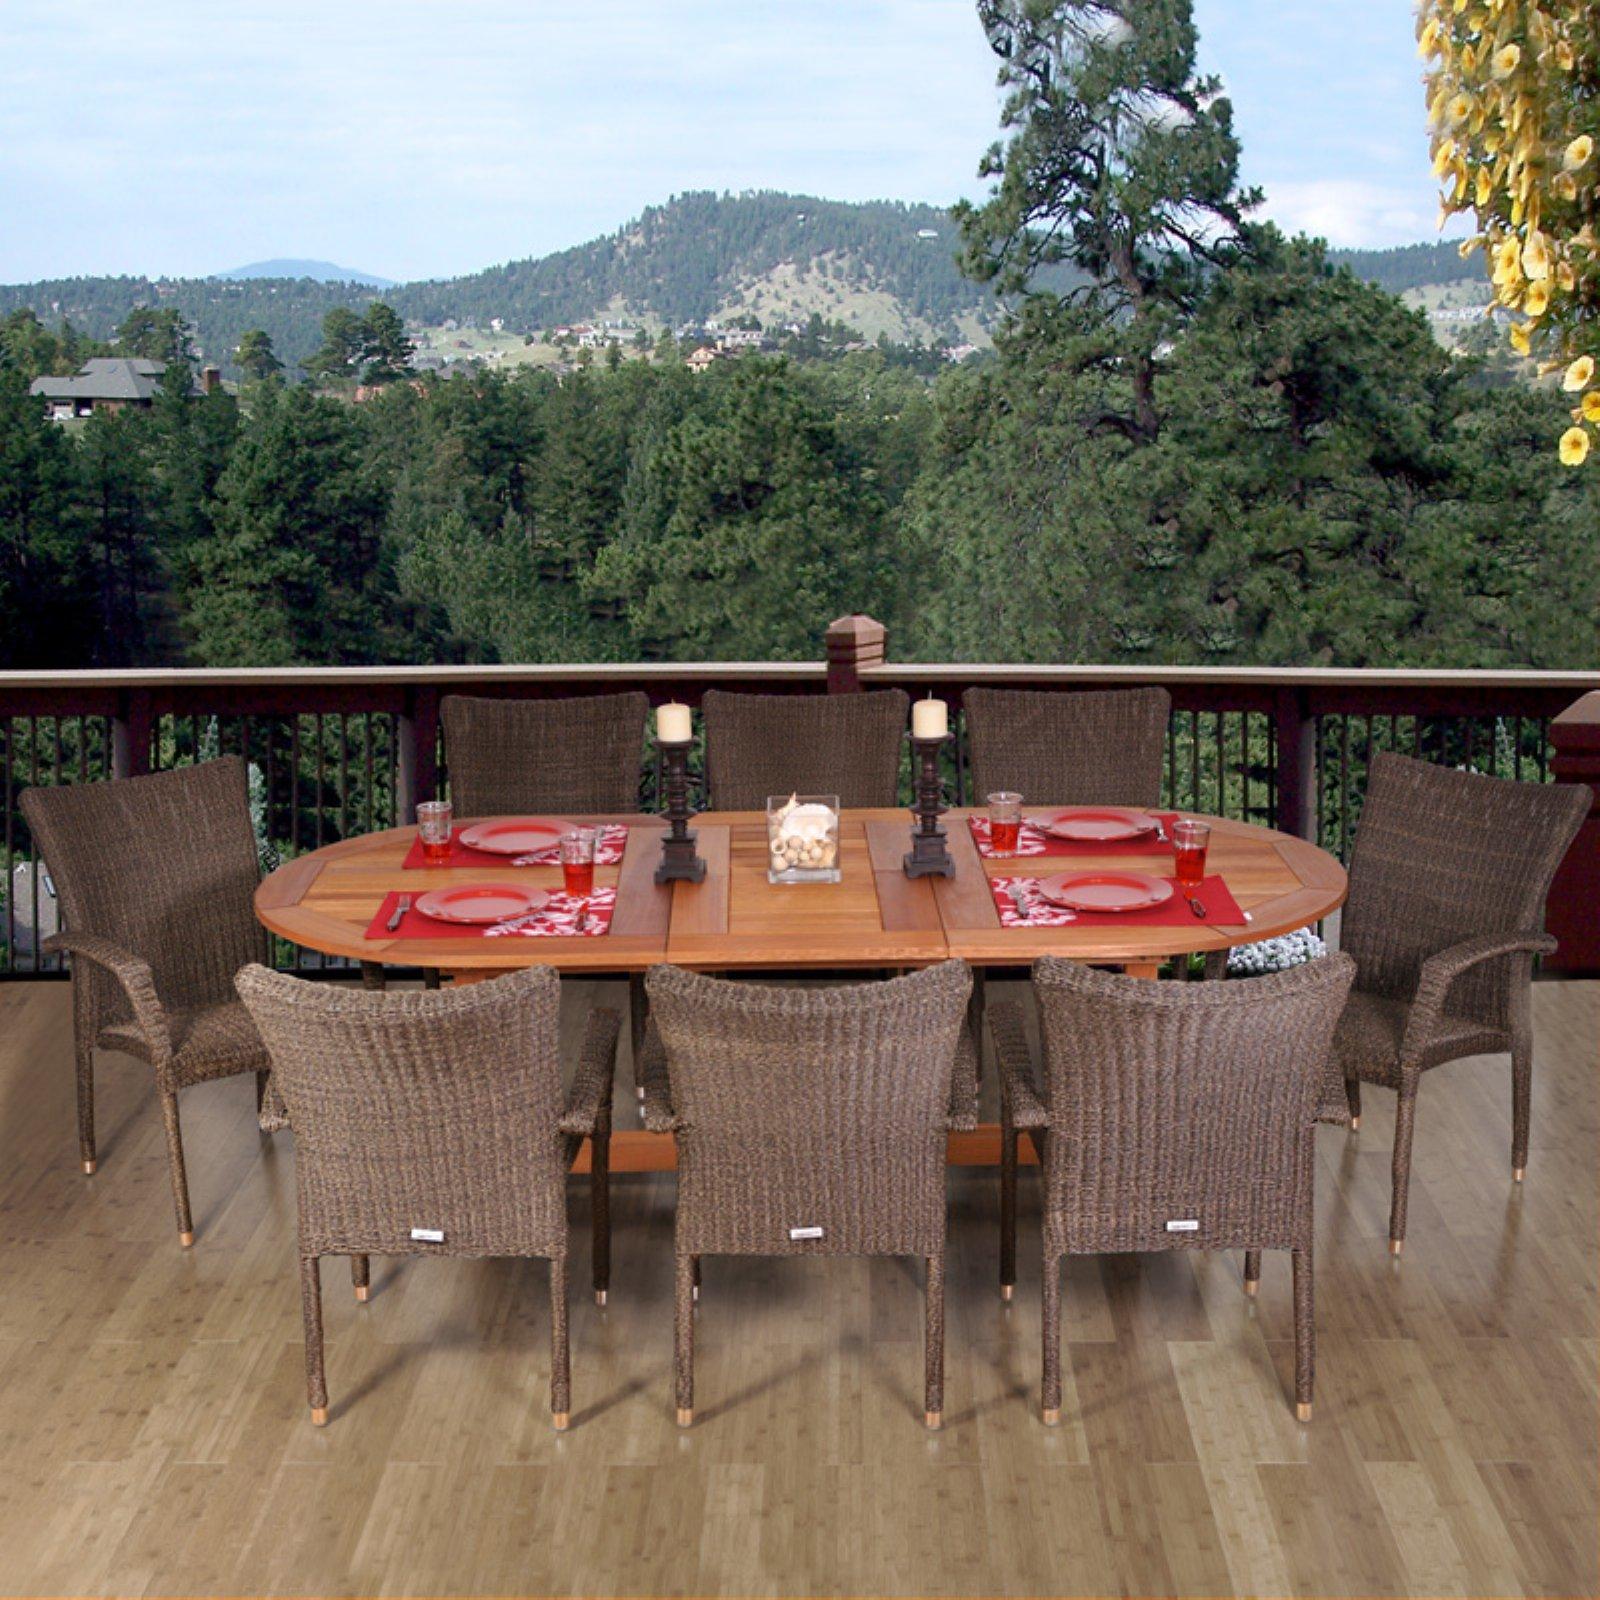 Provence 9-Piece Eucalyptus/Wicker Square Patio Dining Set